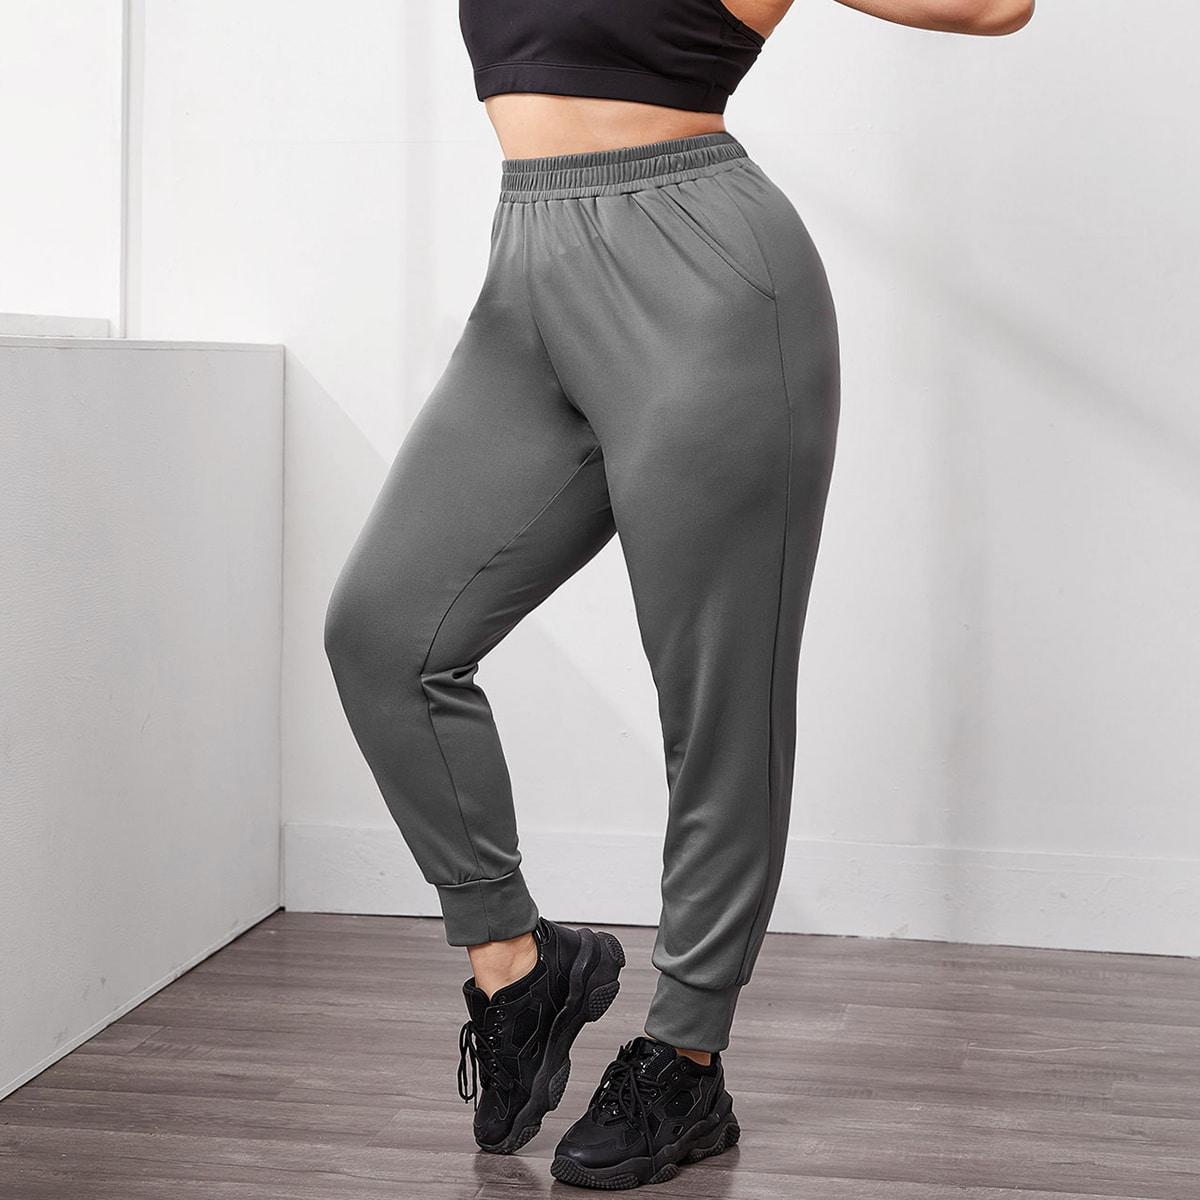 Плюс наклонные карманные спортивные спортивные спортивные штаны